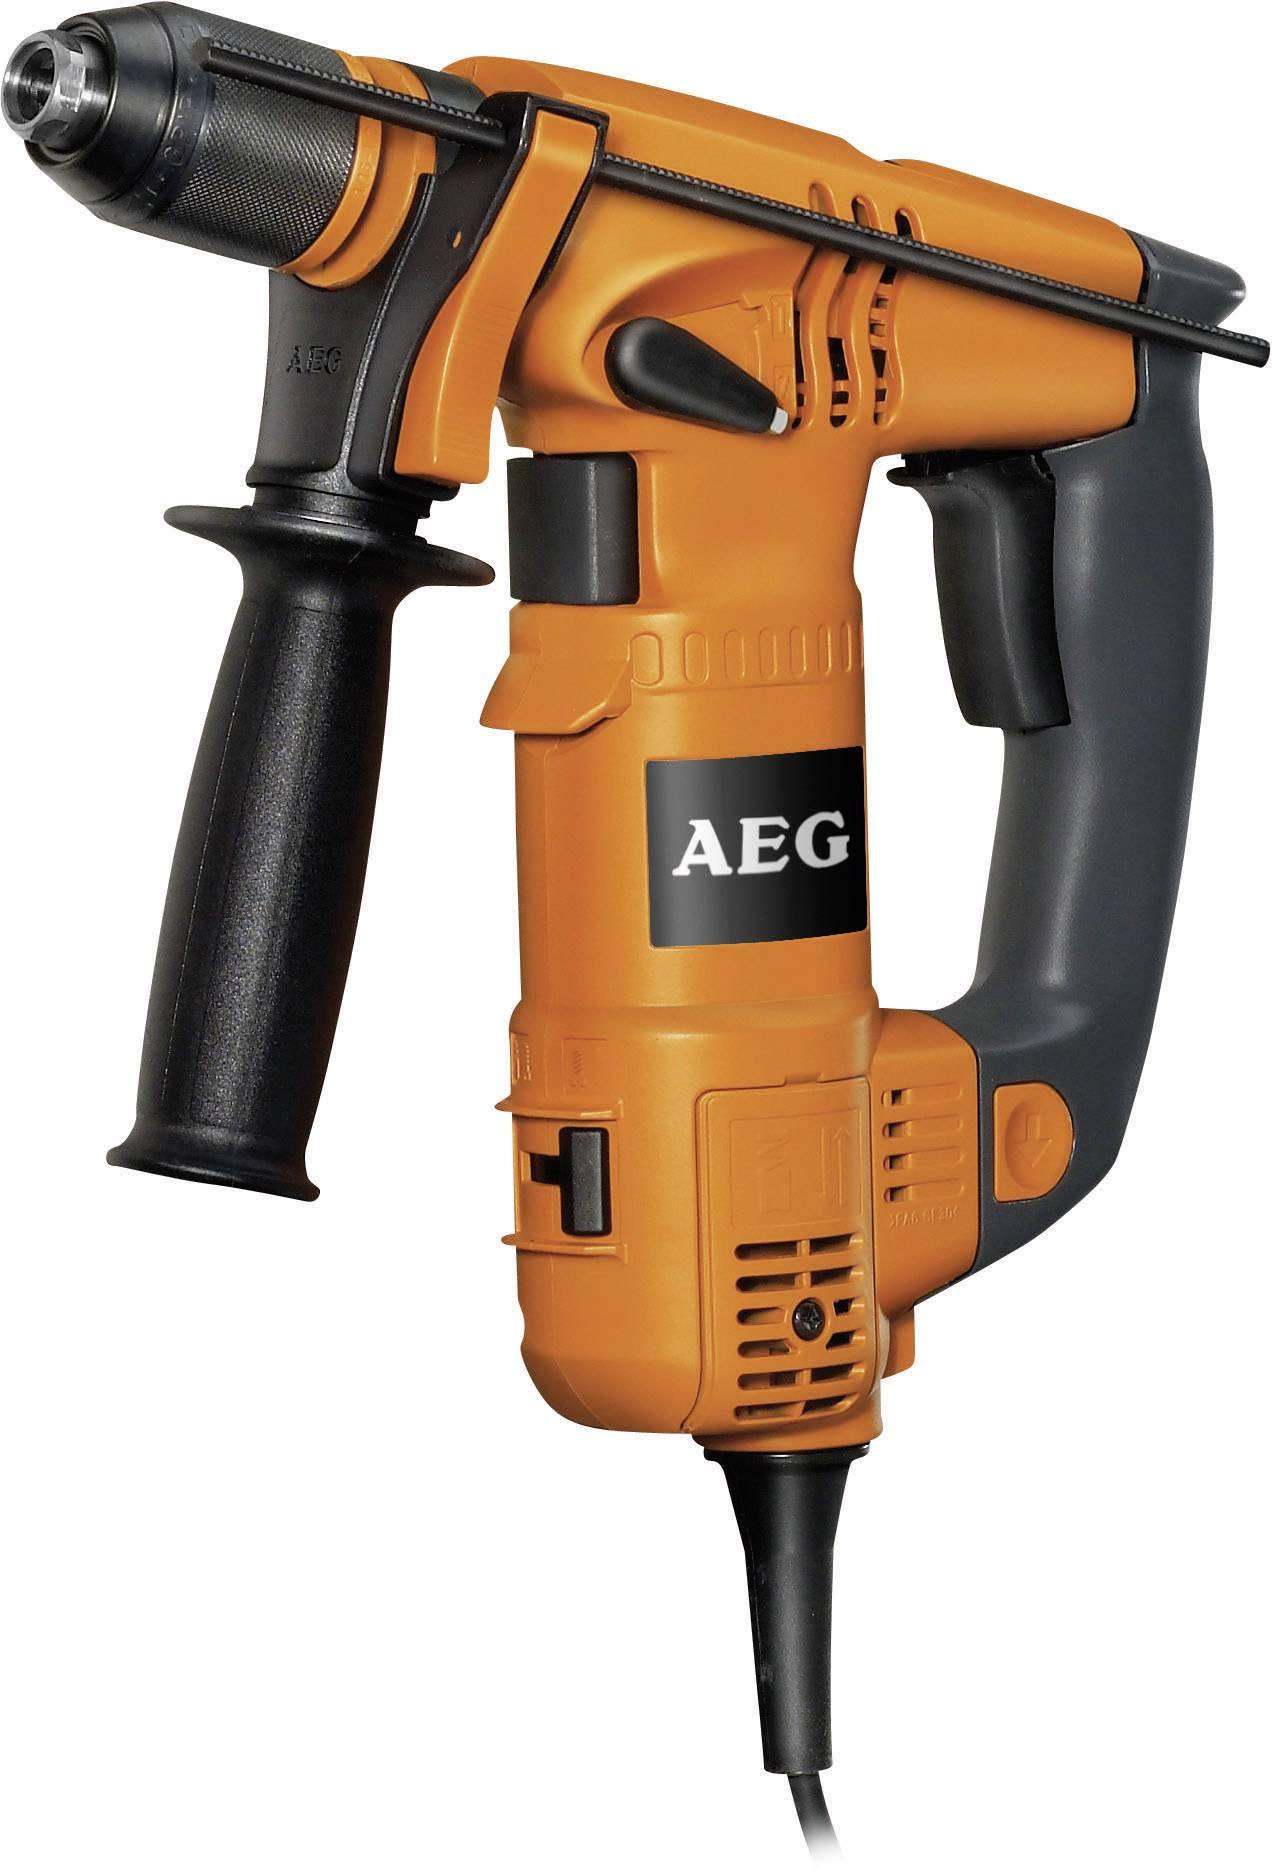 Príklepová vŕtačka AEG Powertools ERGOMAX 4935 4123 96, 750 W, + púzdro